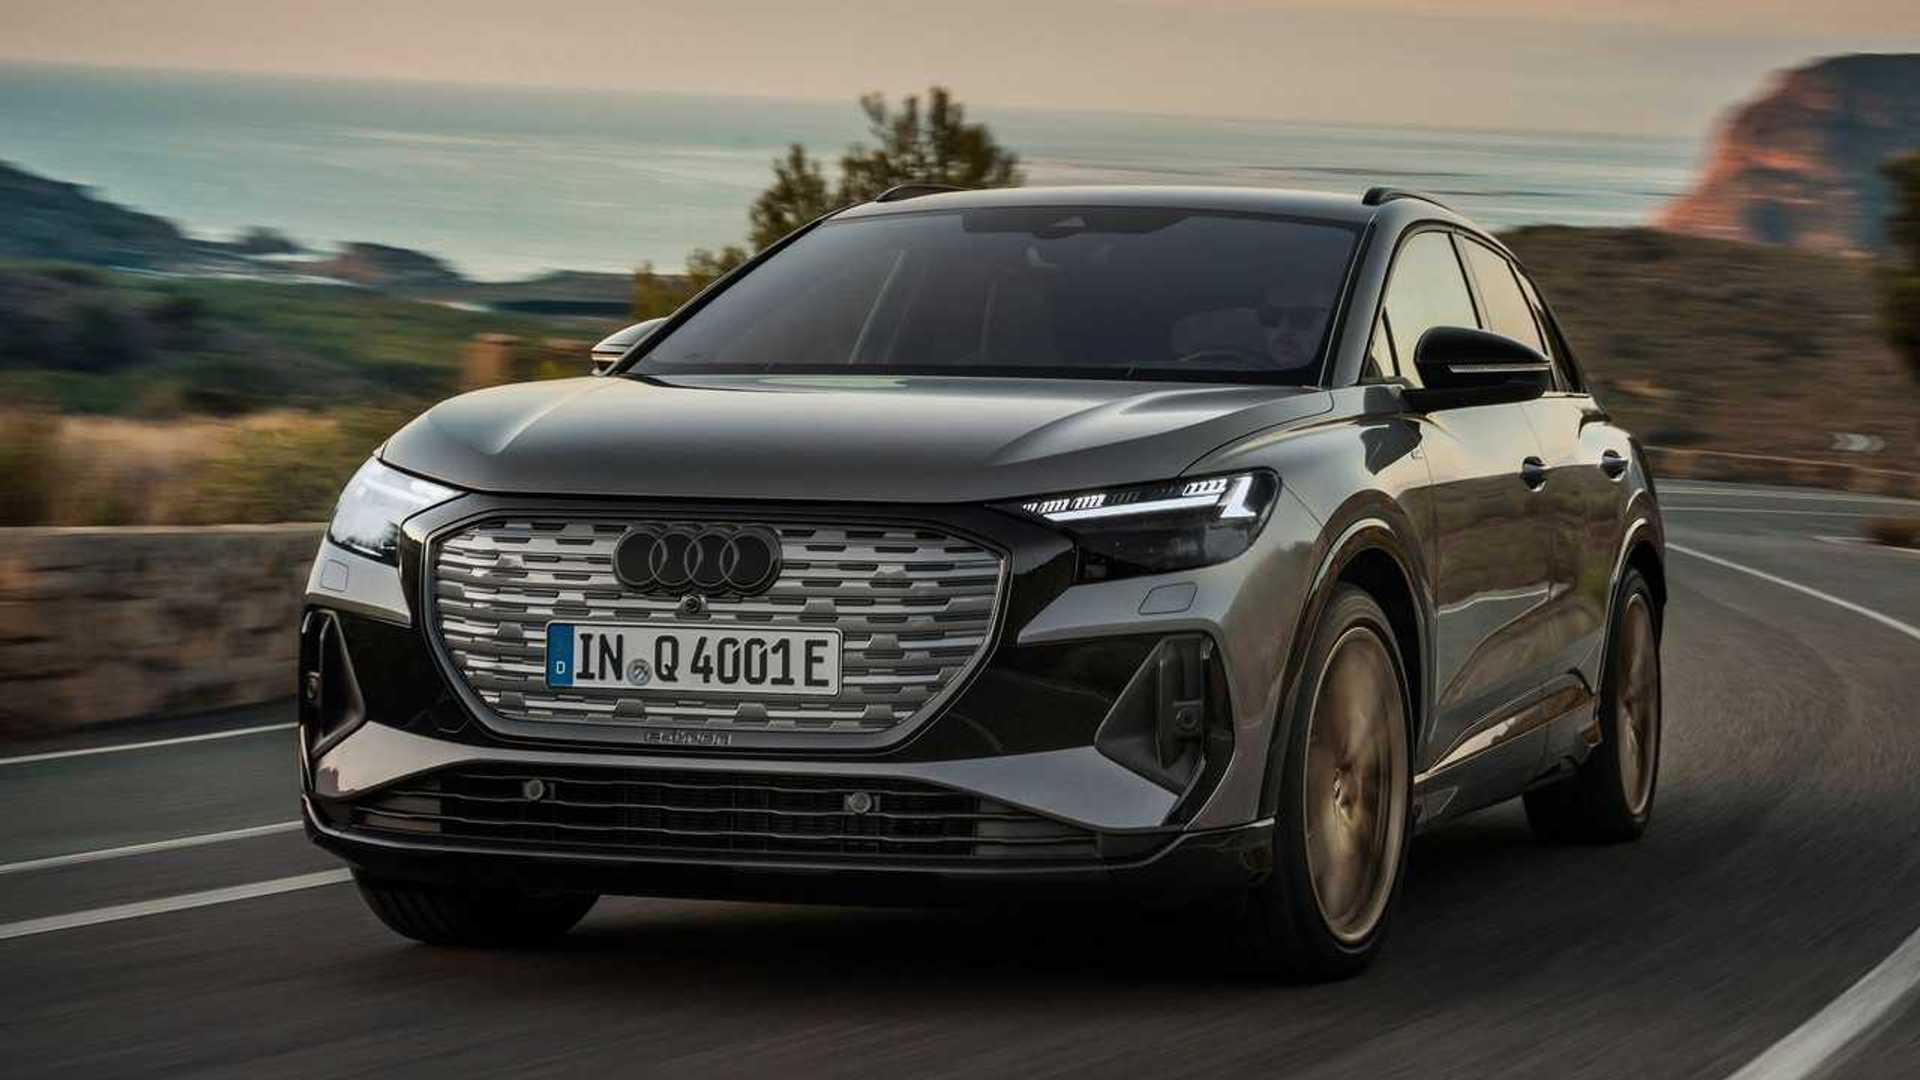 Audi Q4 e-tron in Italia da giugno: ecco tutte le informazioni